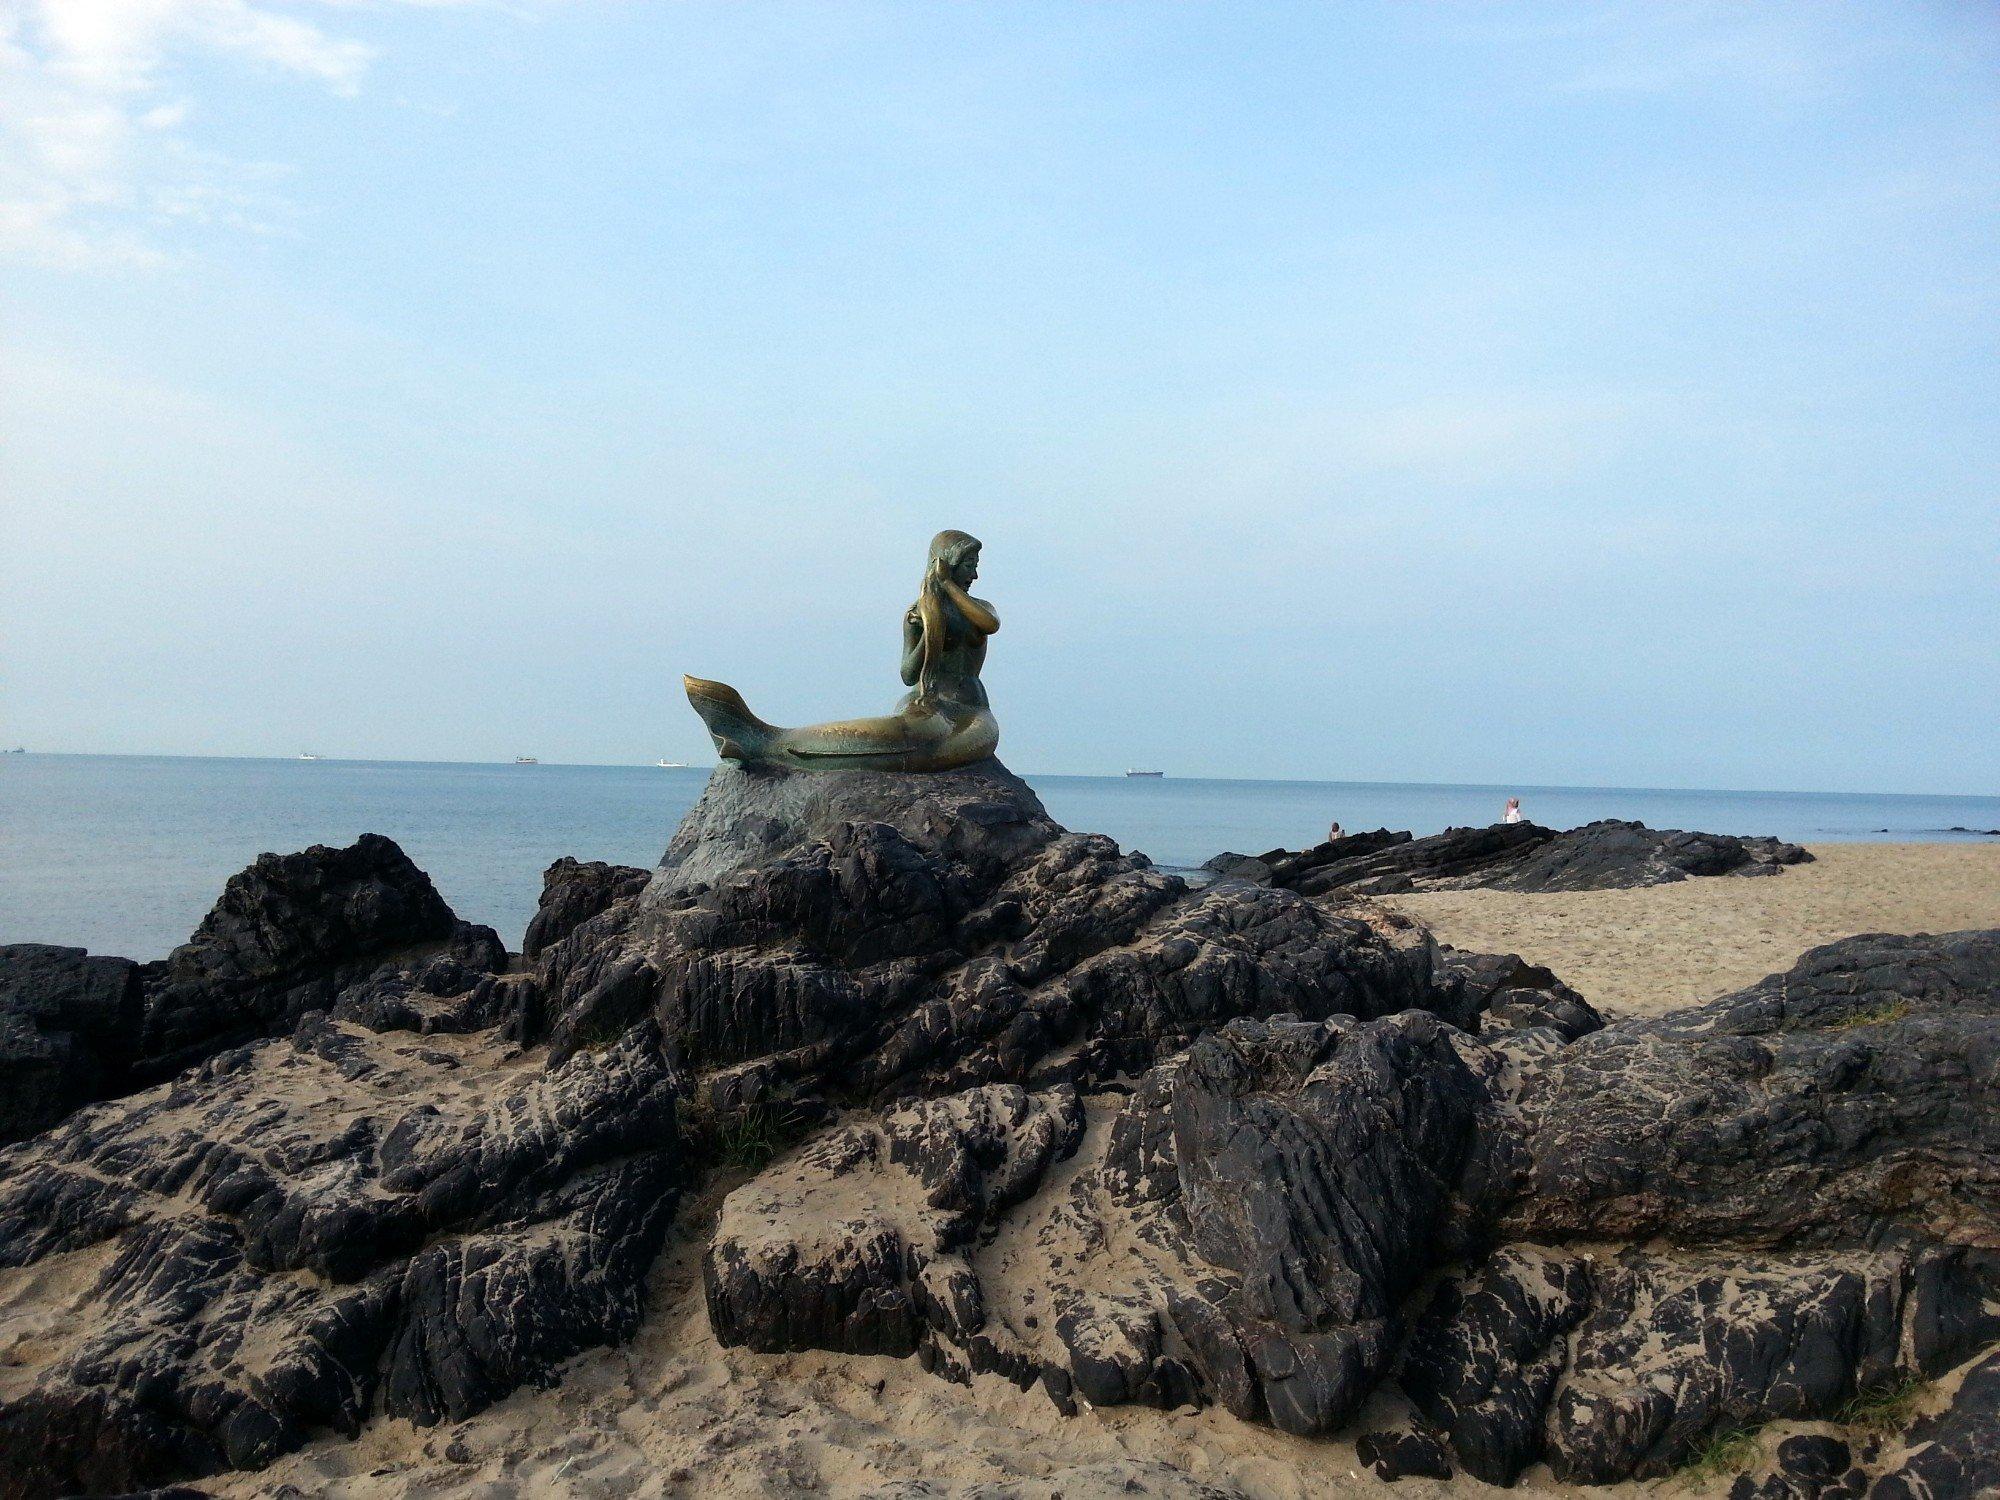 Samila Beach in Songkhla